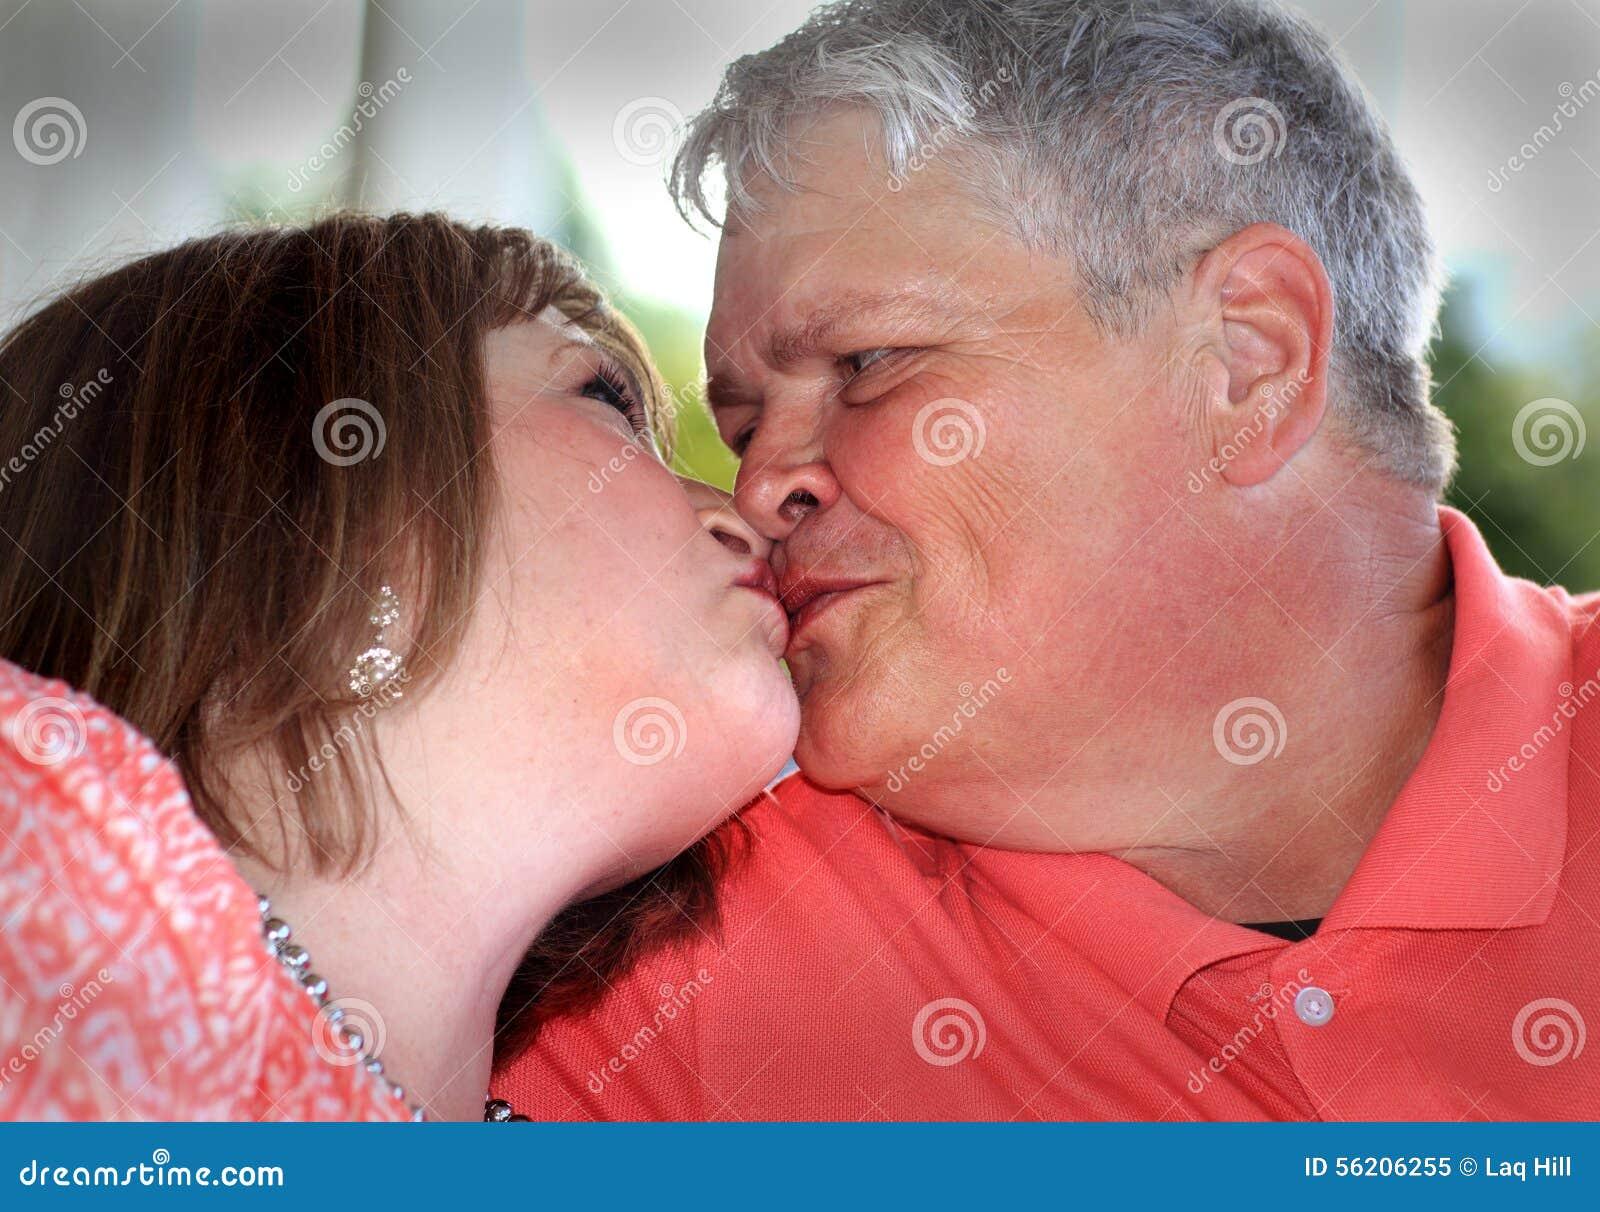 Older kiss pics